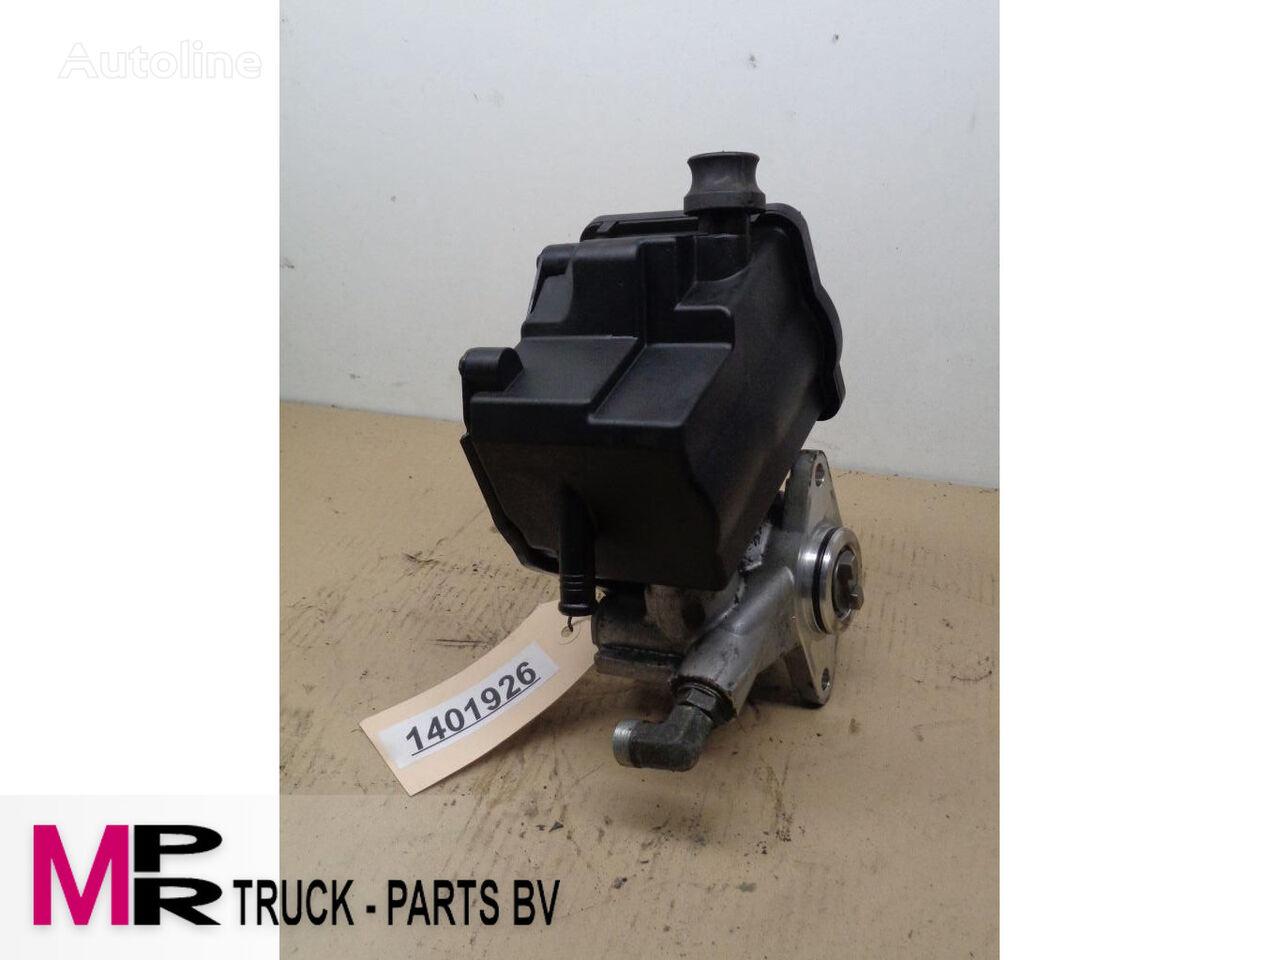 DAF 1401926 - 7685 900 104 (1401926) engranaje de dirección para Daf LF camión